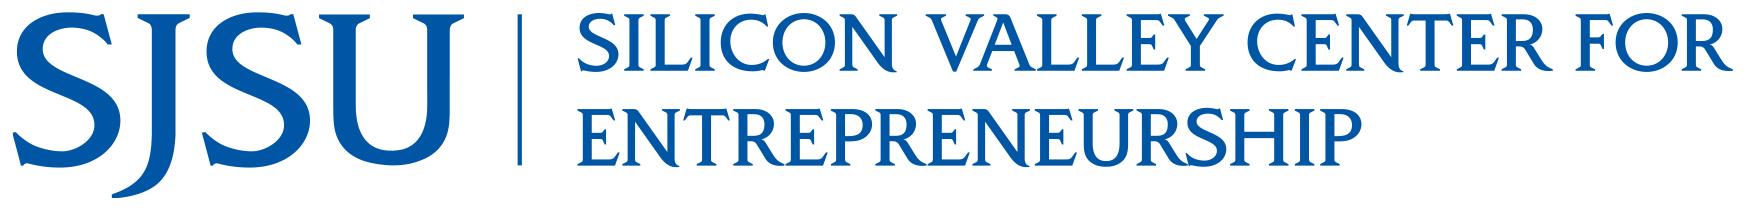 SJSU Silicon Valley Center for Entrepreneuership